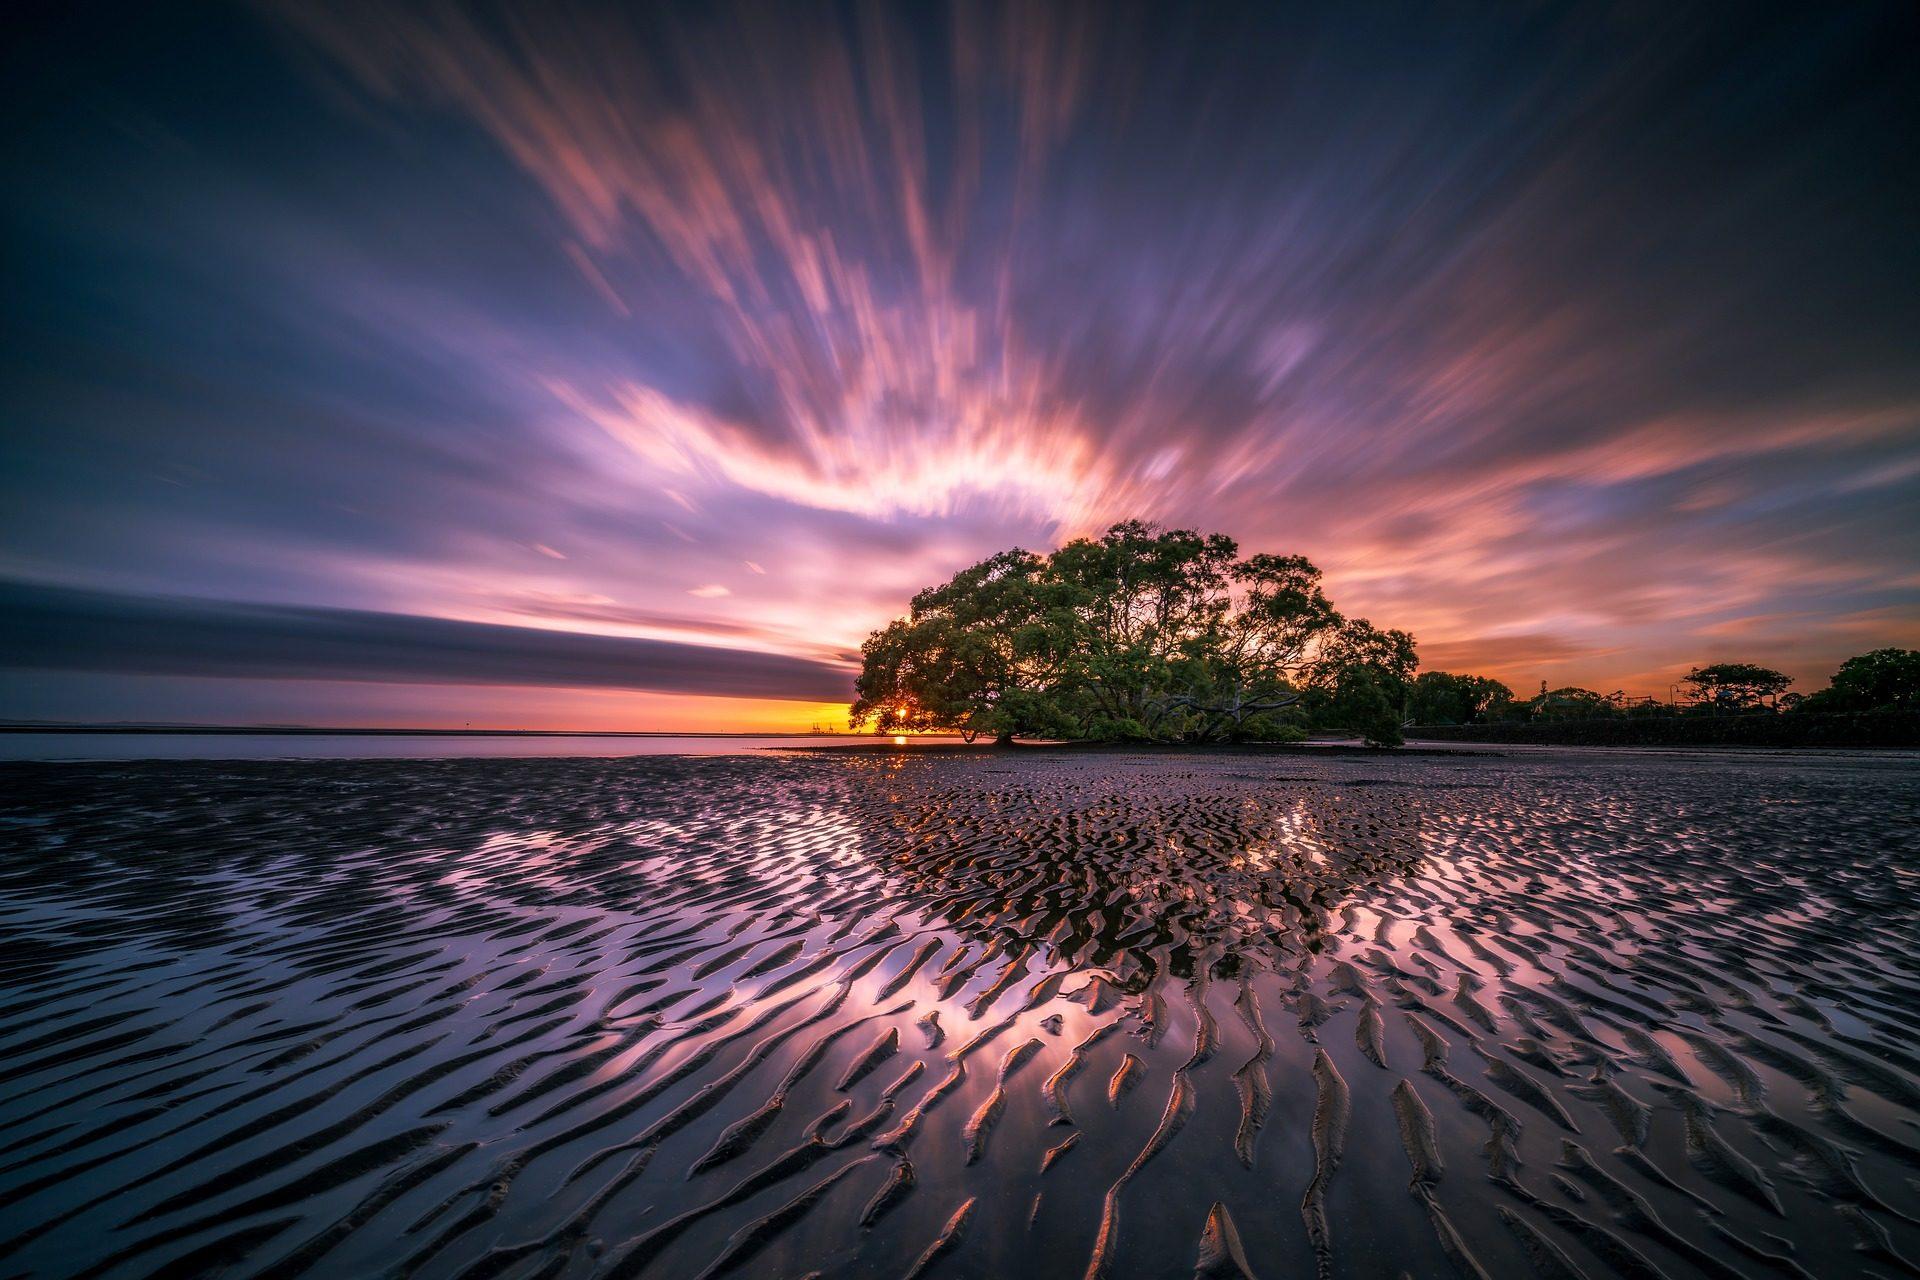 δέντρο, Laguna, νερό, Ουρανός, Μωβ, ομορφιά - Wallpapers HD - Professor-falken.com